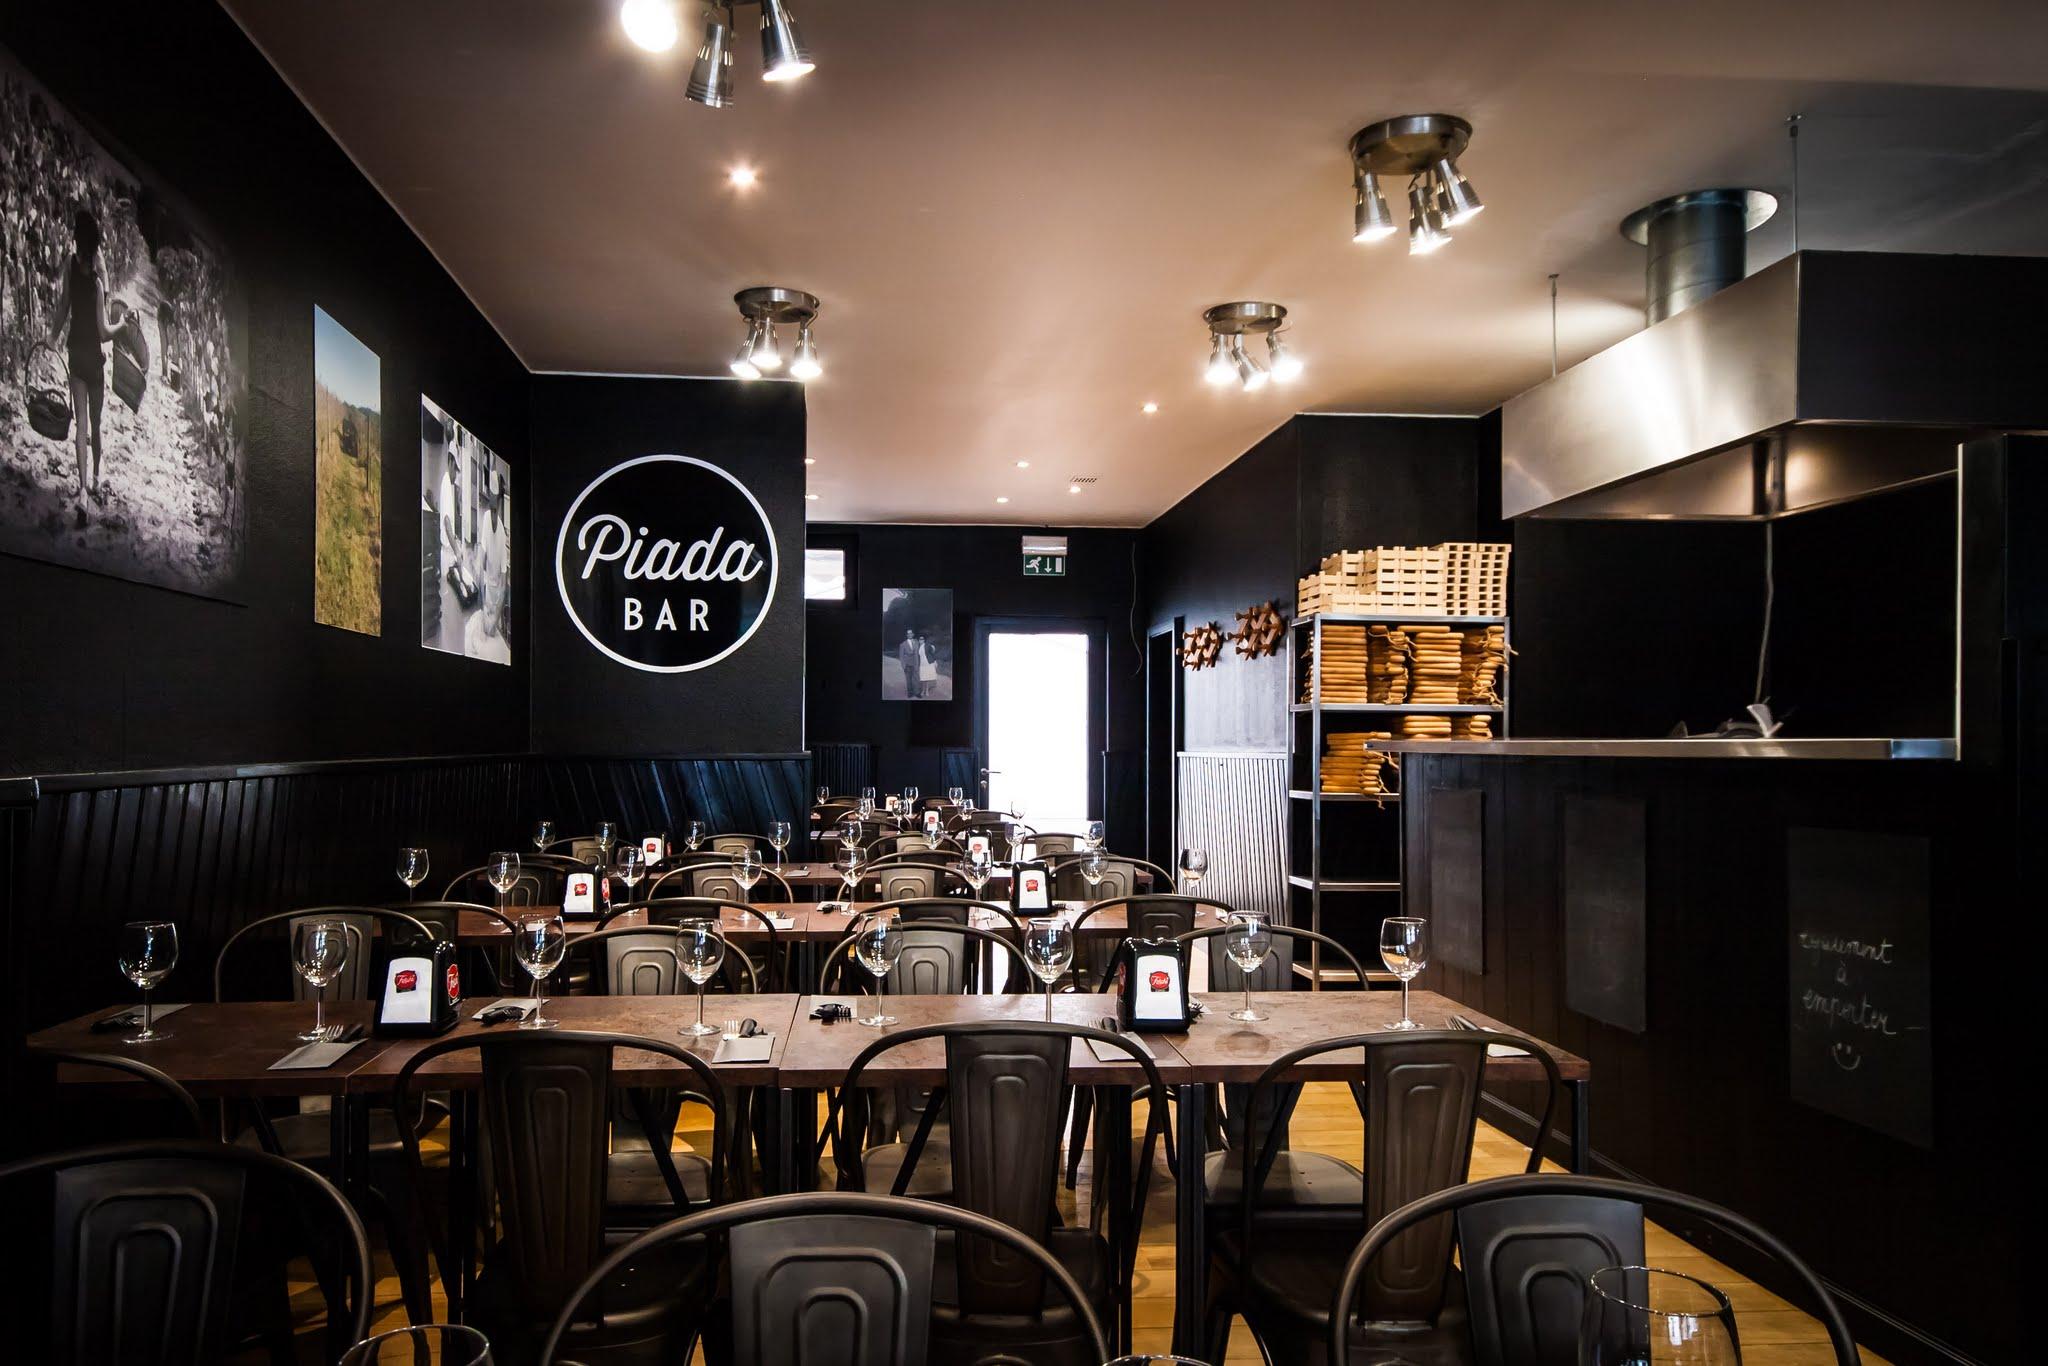 Piada bar Bruxelles